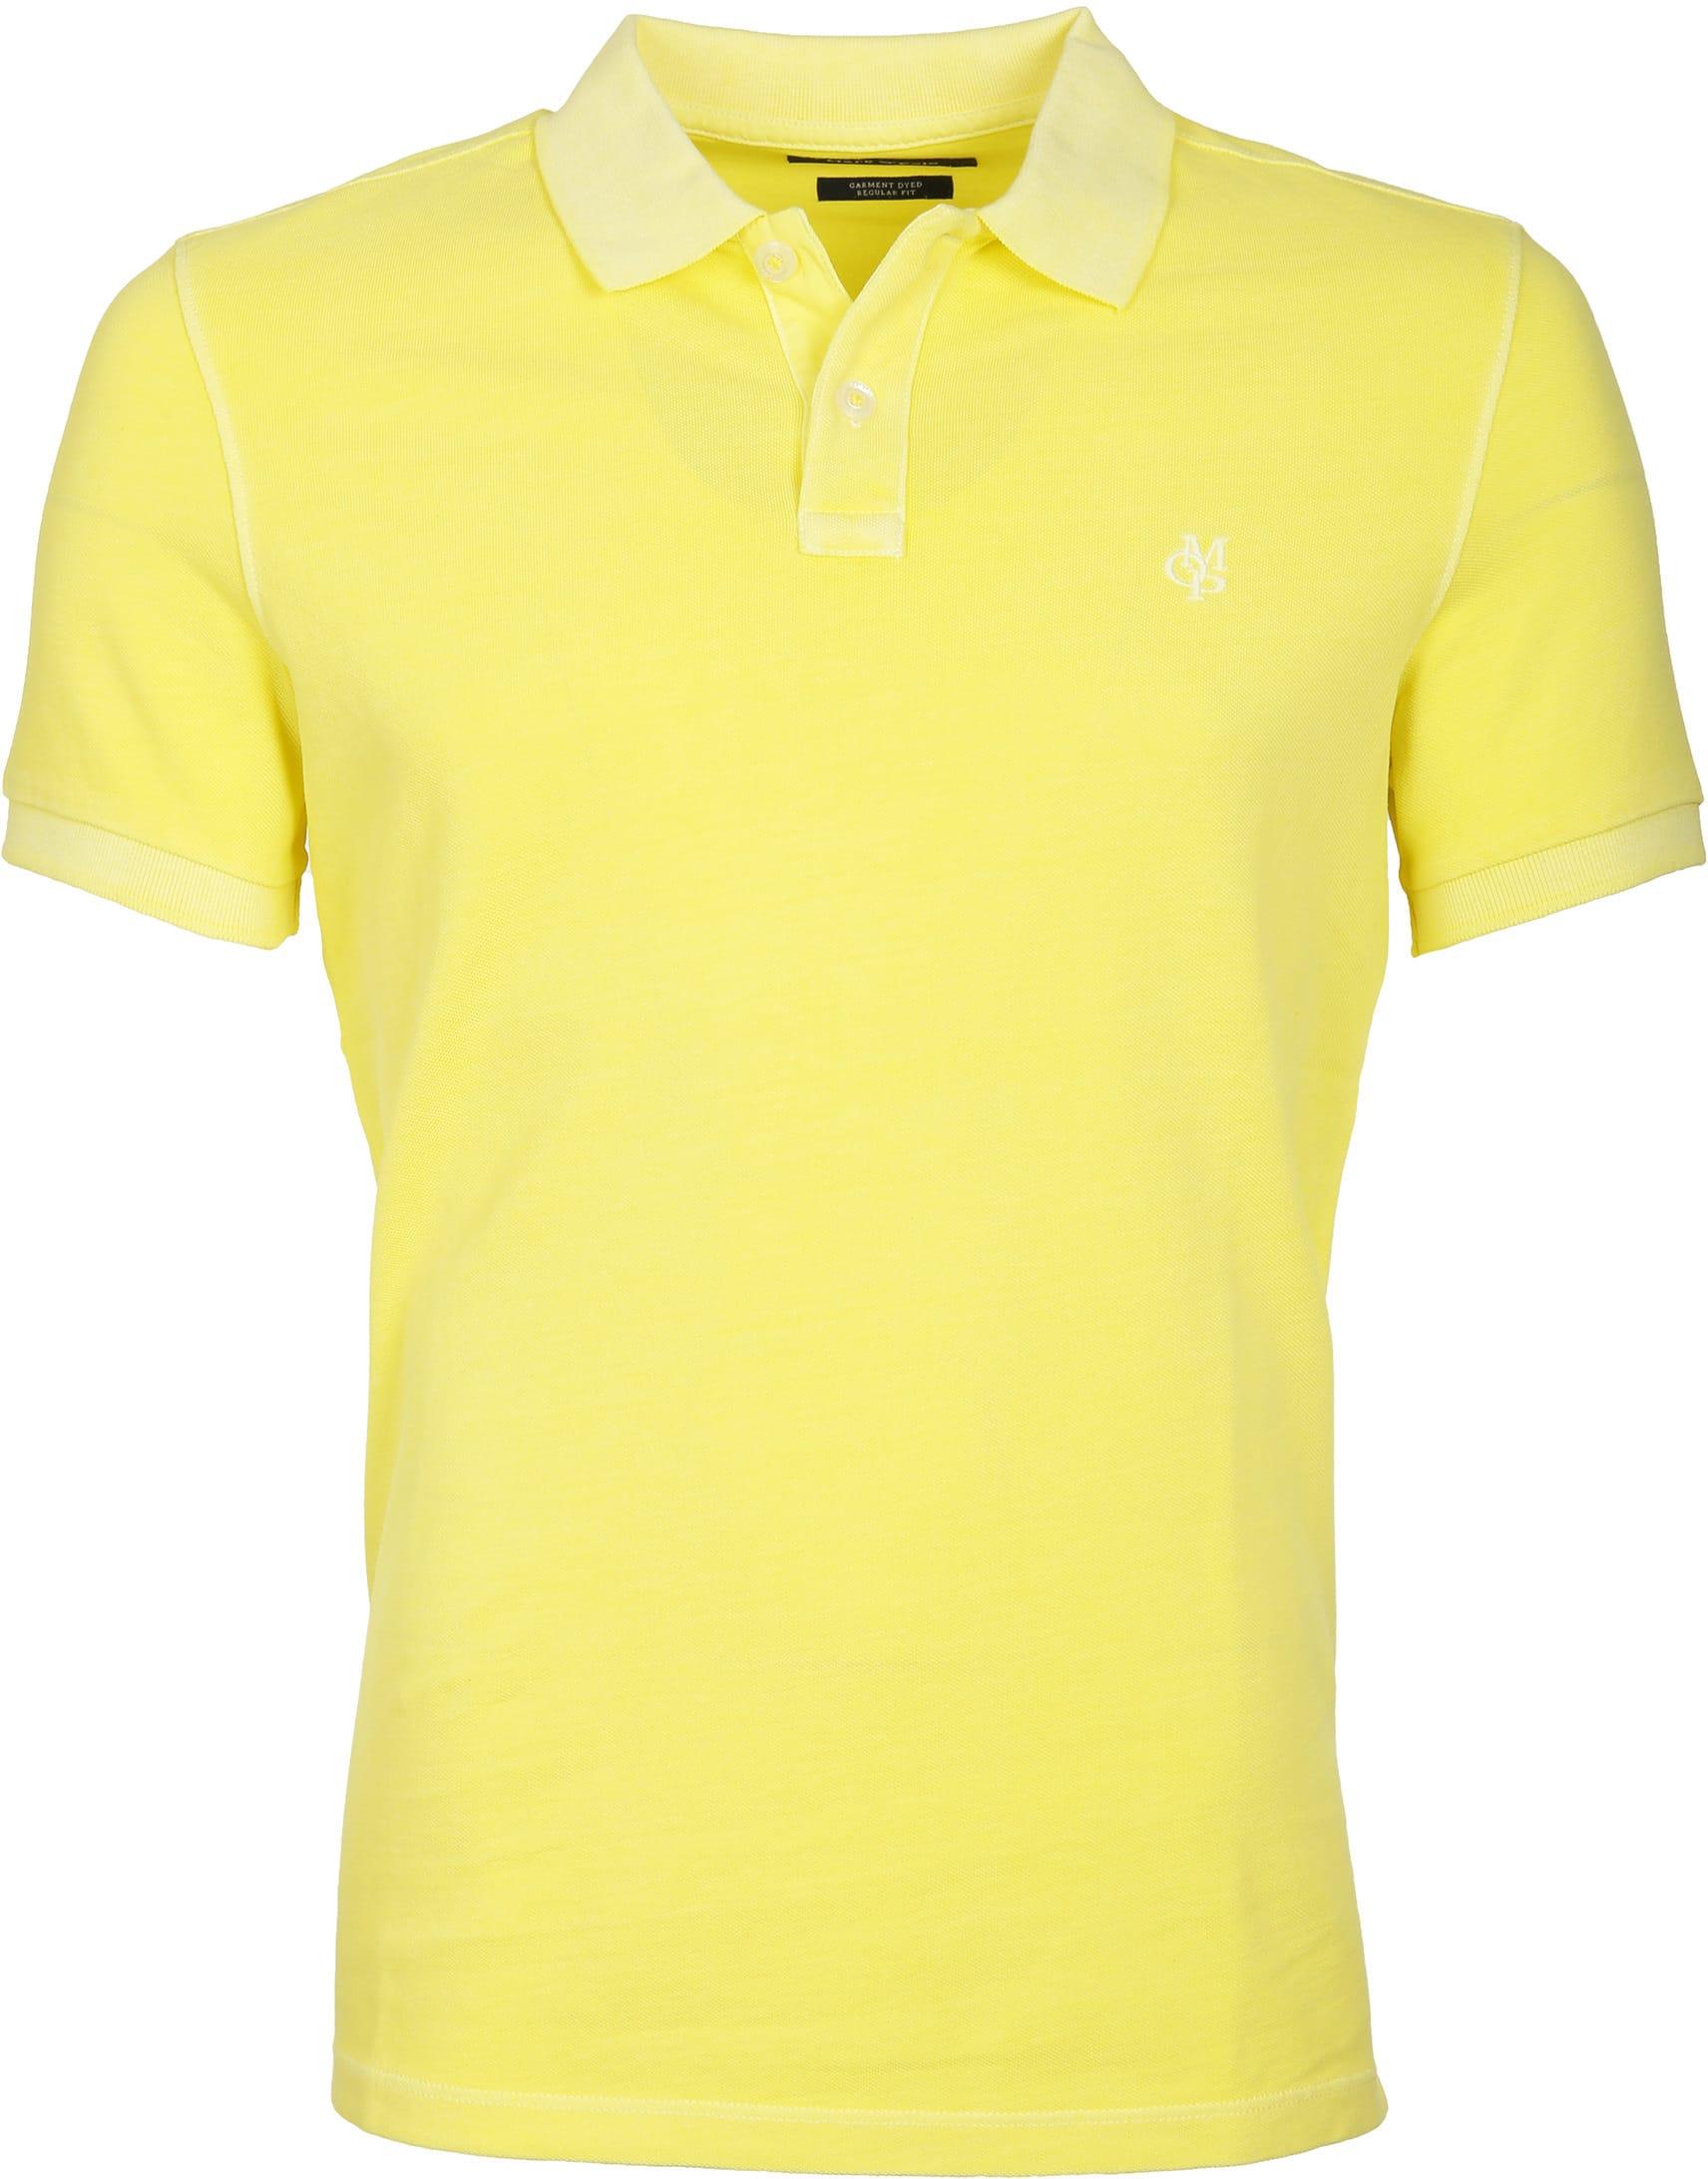 on sale 639a0 5772d Marc O'Polo Poloshirt Geel 824226653024 online bestellen ...